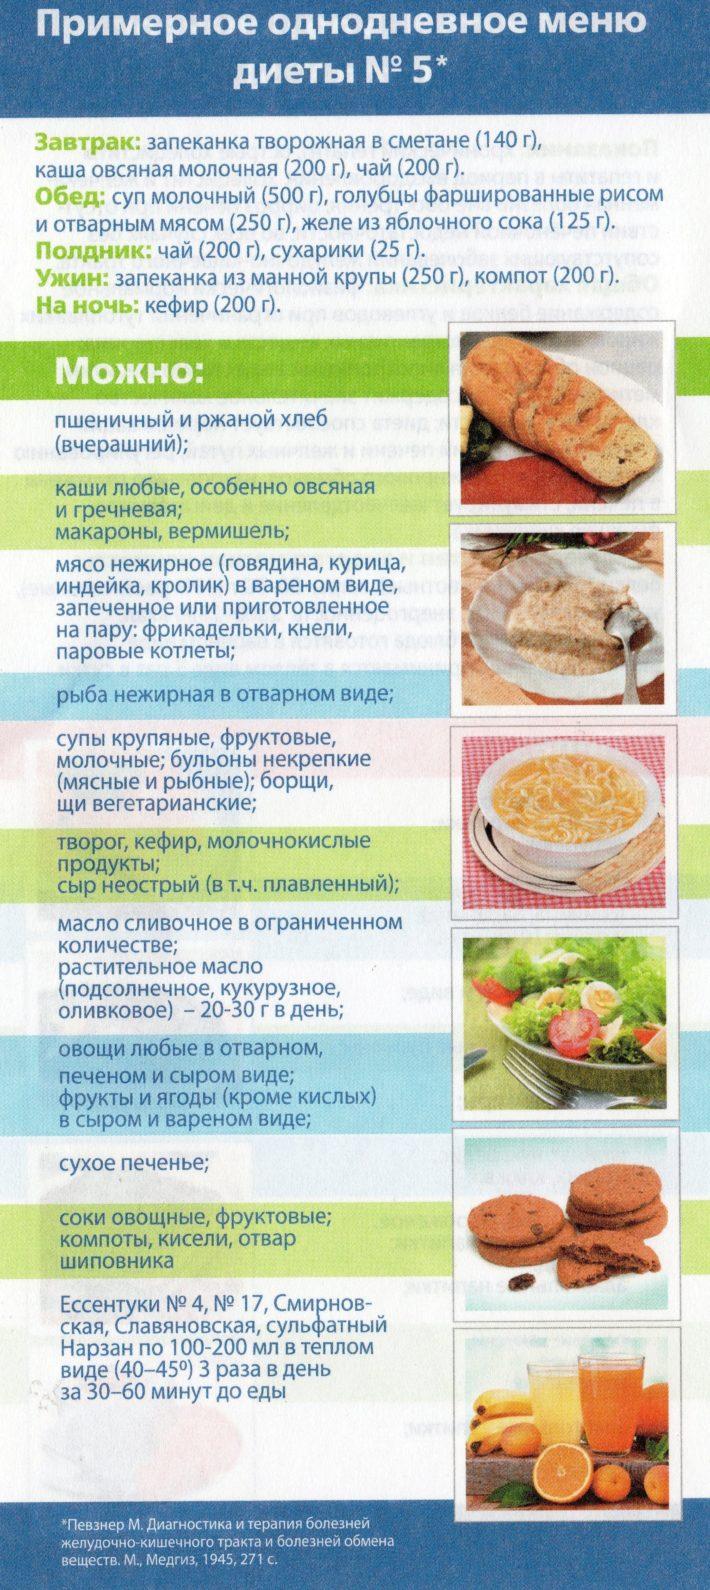 Какая Диета При Заболеваниях Печени. Диета при болезни печени: правильное питание при лечении, восстановлении поджелудочной и желчного пузыря